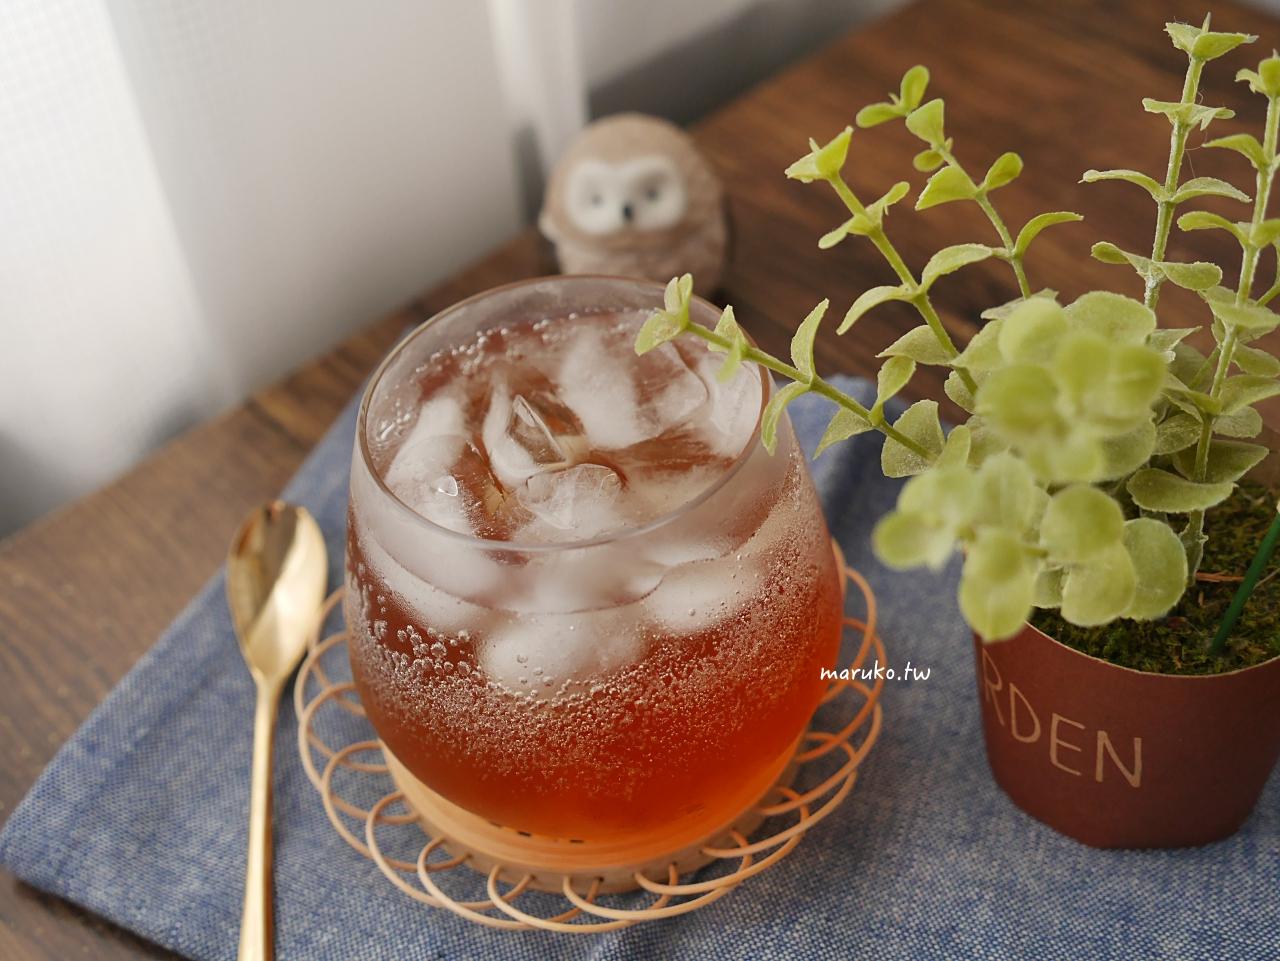 【食譜】柚子紅茶氣泡水 簡單DIY 夏日的清涼飲品 金車礦沛氣泡水推薦 @Maruko與美食有個約會